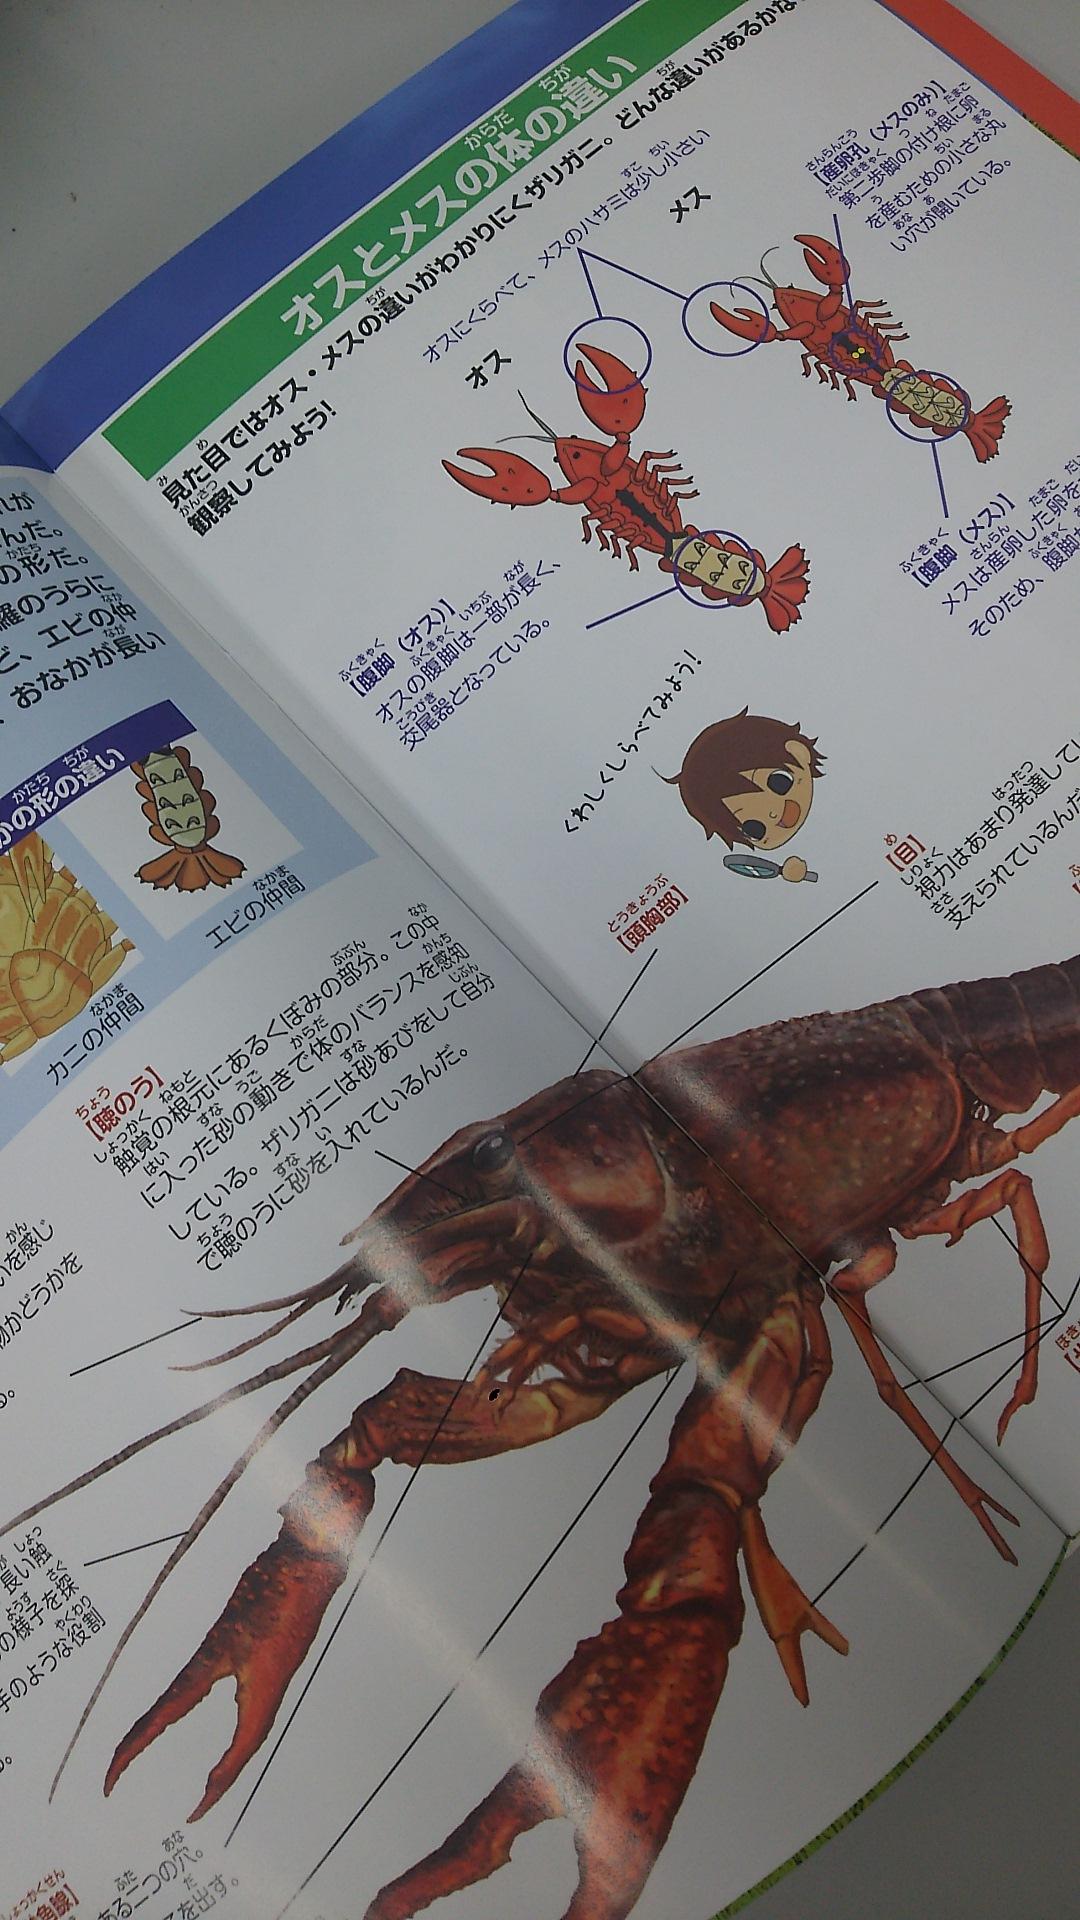 ザリガニ図鑑でザリガニのことを研究しよう